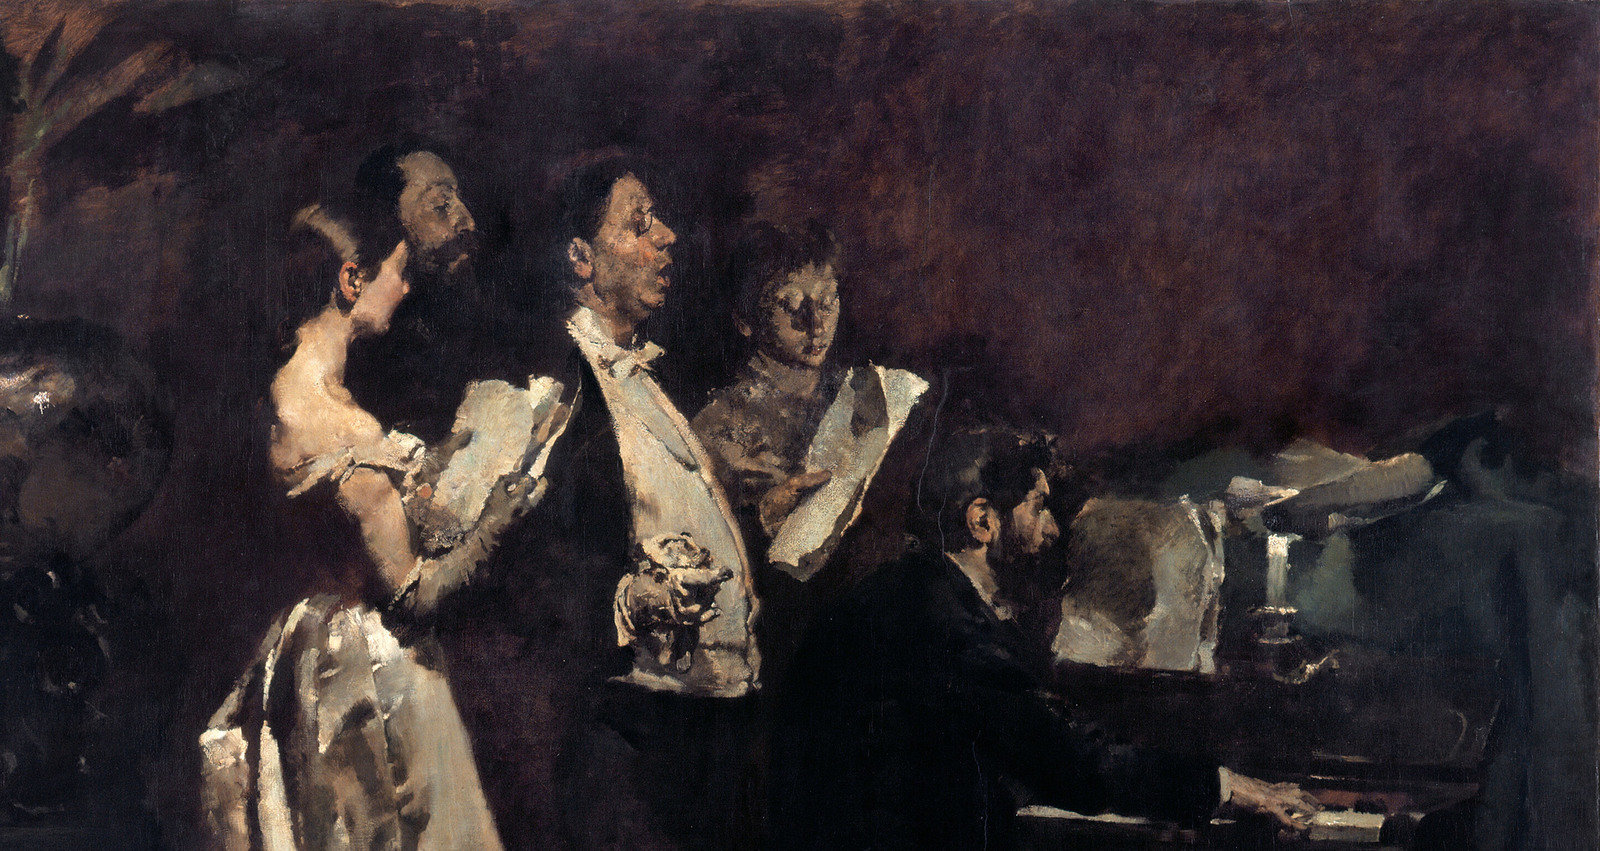 An Amateur Concert, 1882, Columbano Bordalo Pinheiro,  Museu Do Chiado – Museu Nacional De Arte Contemporânea, Public Domain Mark